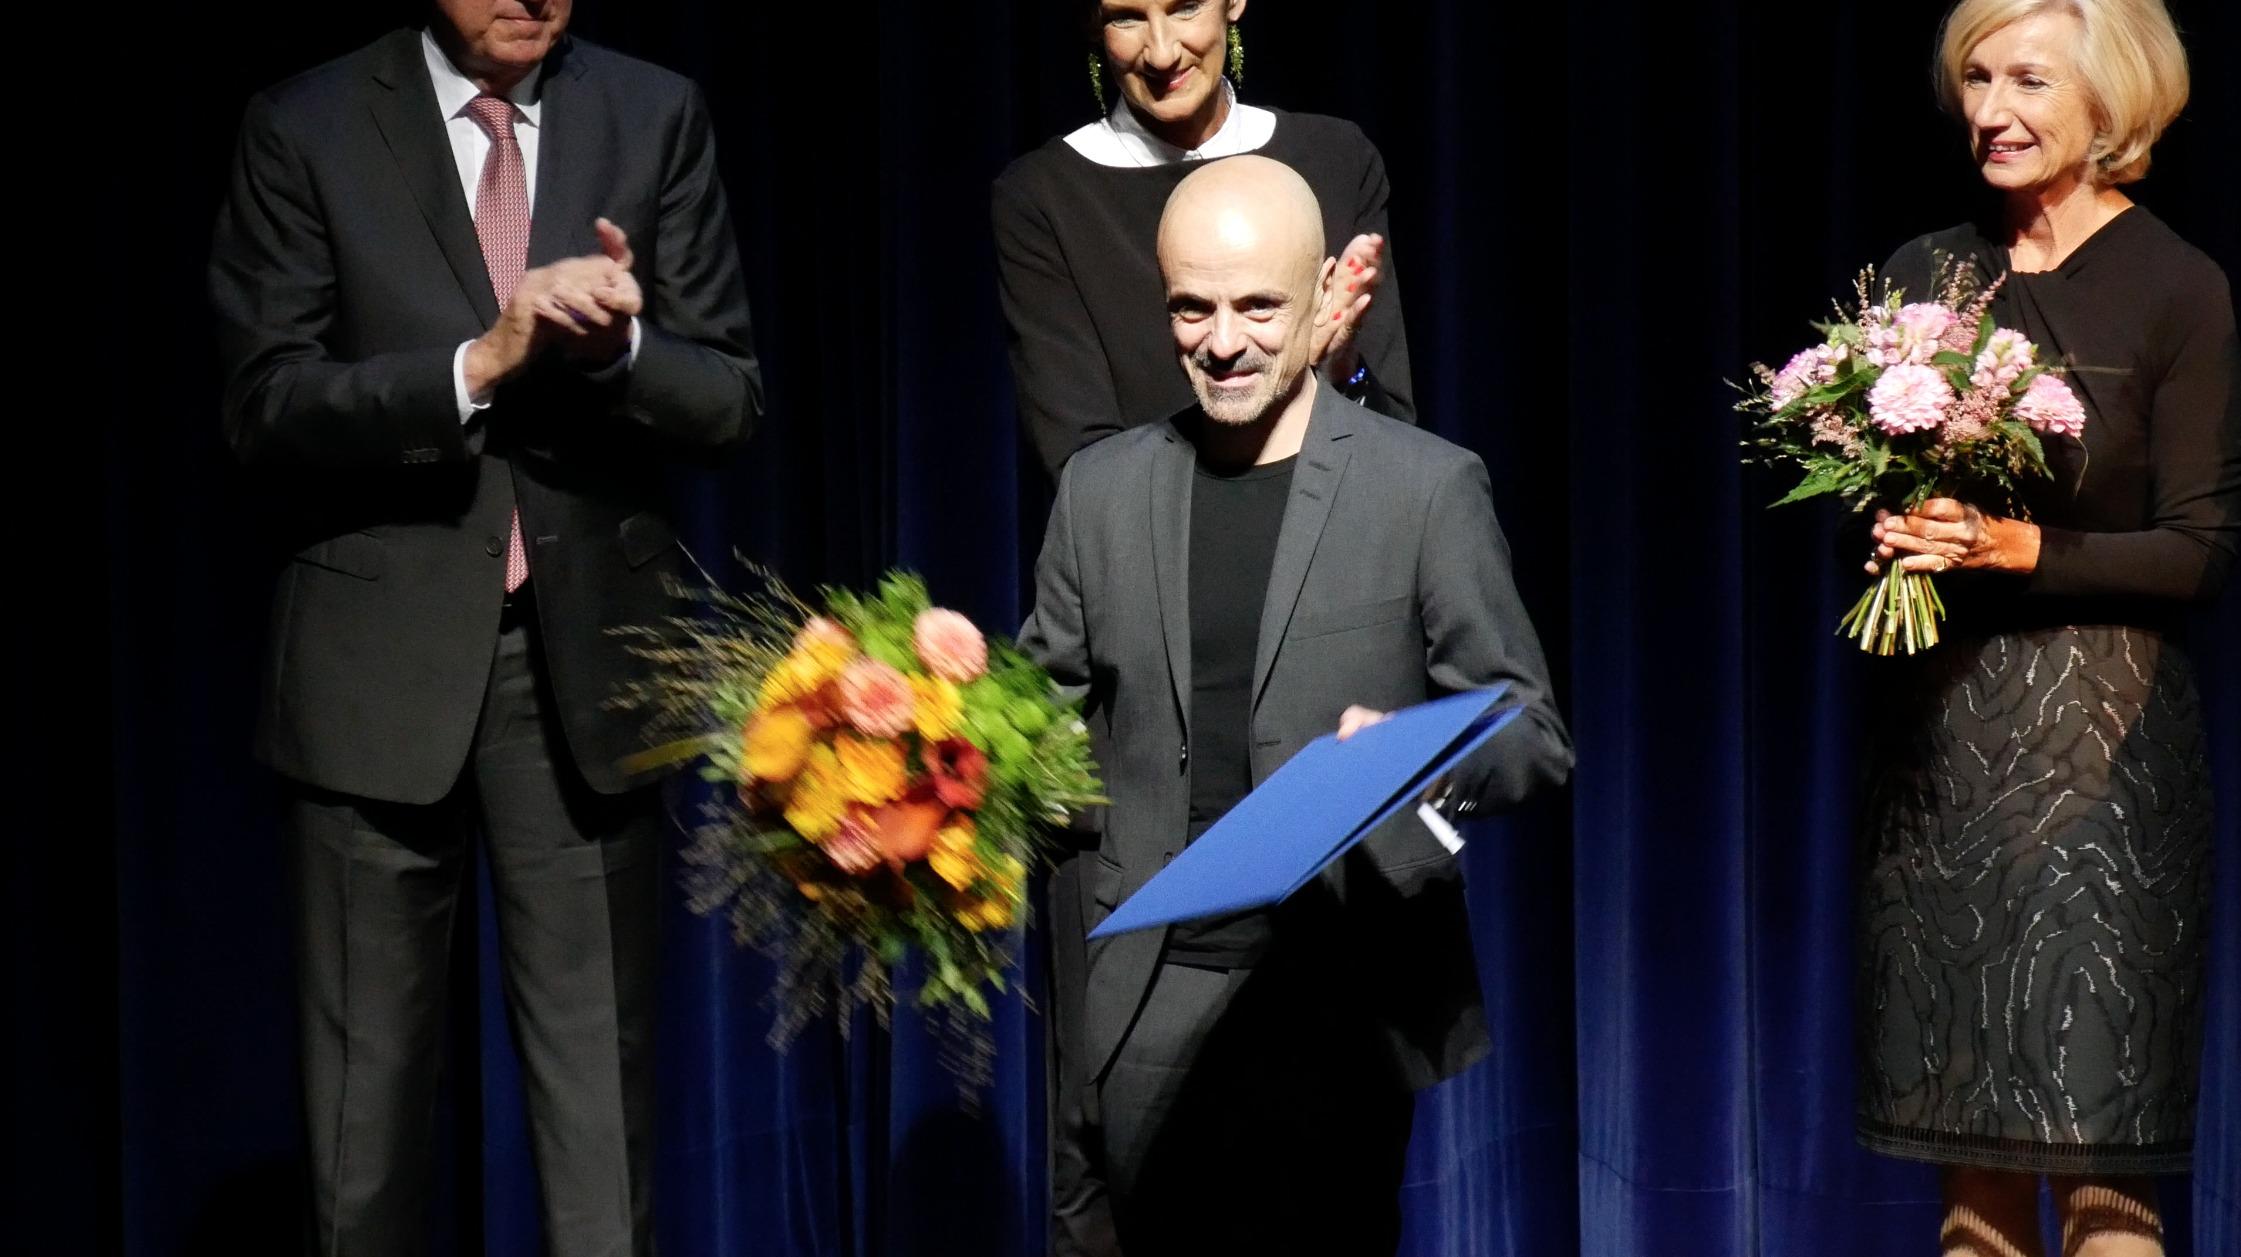 ©PRESSEBILDER Klaus Dilger_TANZWEB Verleihung Deutscher Tanzpreis 2018 in Essen Goyo Montero_ Prof.Dr. Julia Lehner